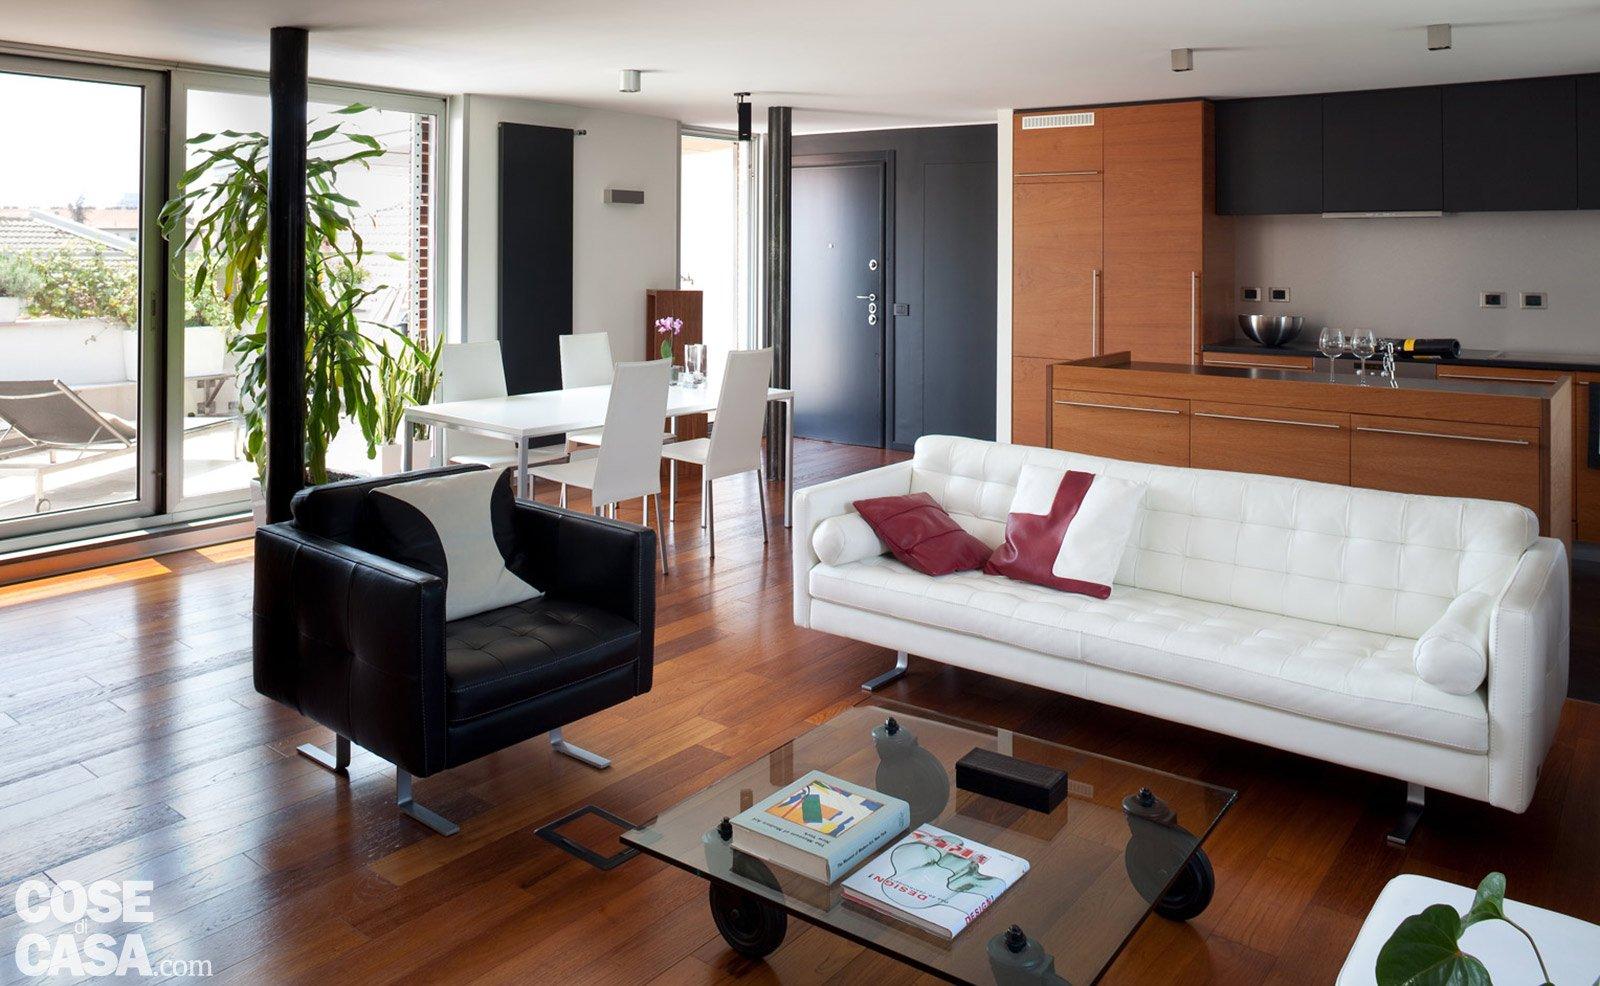 80 mq: una casa per due, perfetta per fare inviti - Cose ...